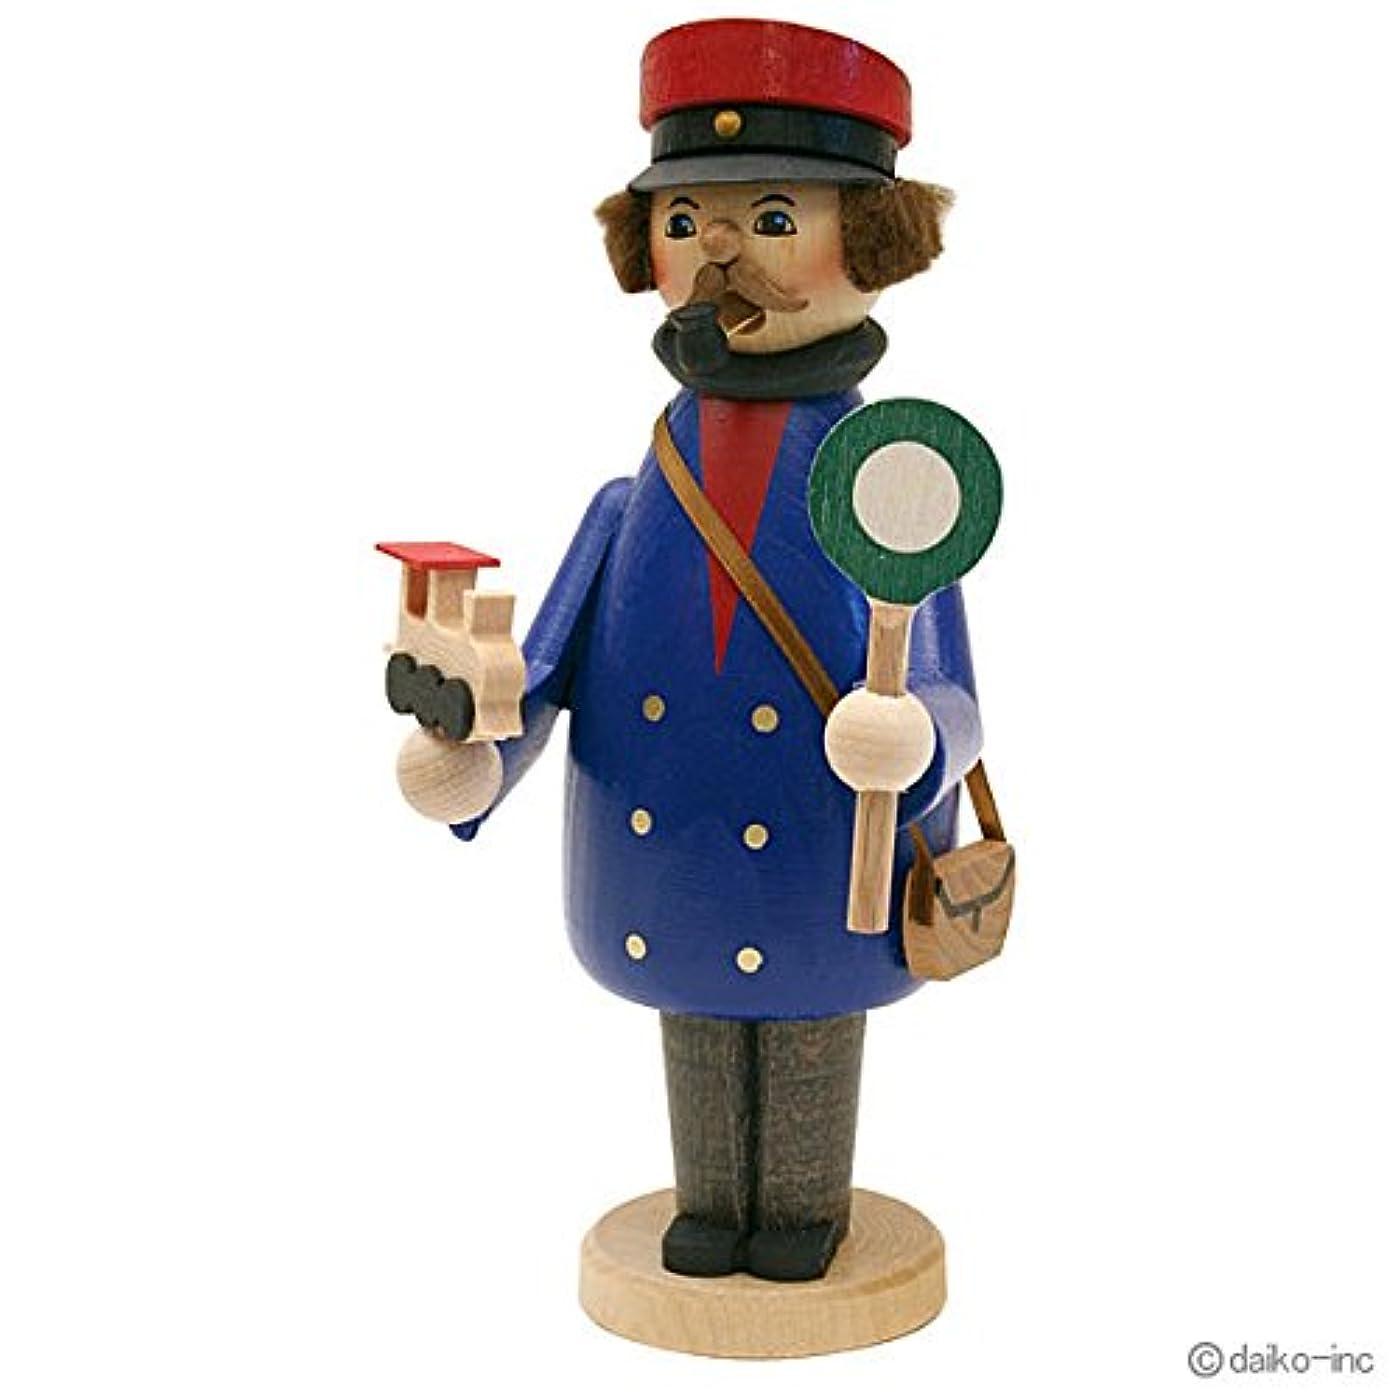 無駄だかび臭いグレートオークkuhnert ミニパイプ人形香炉 鉄道員